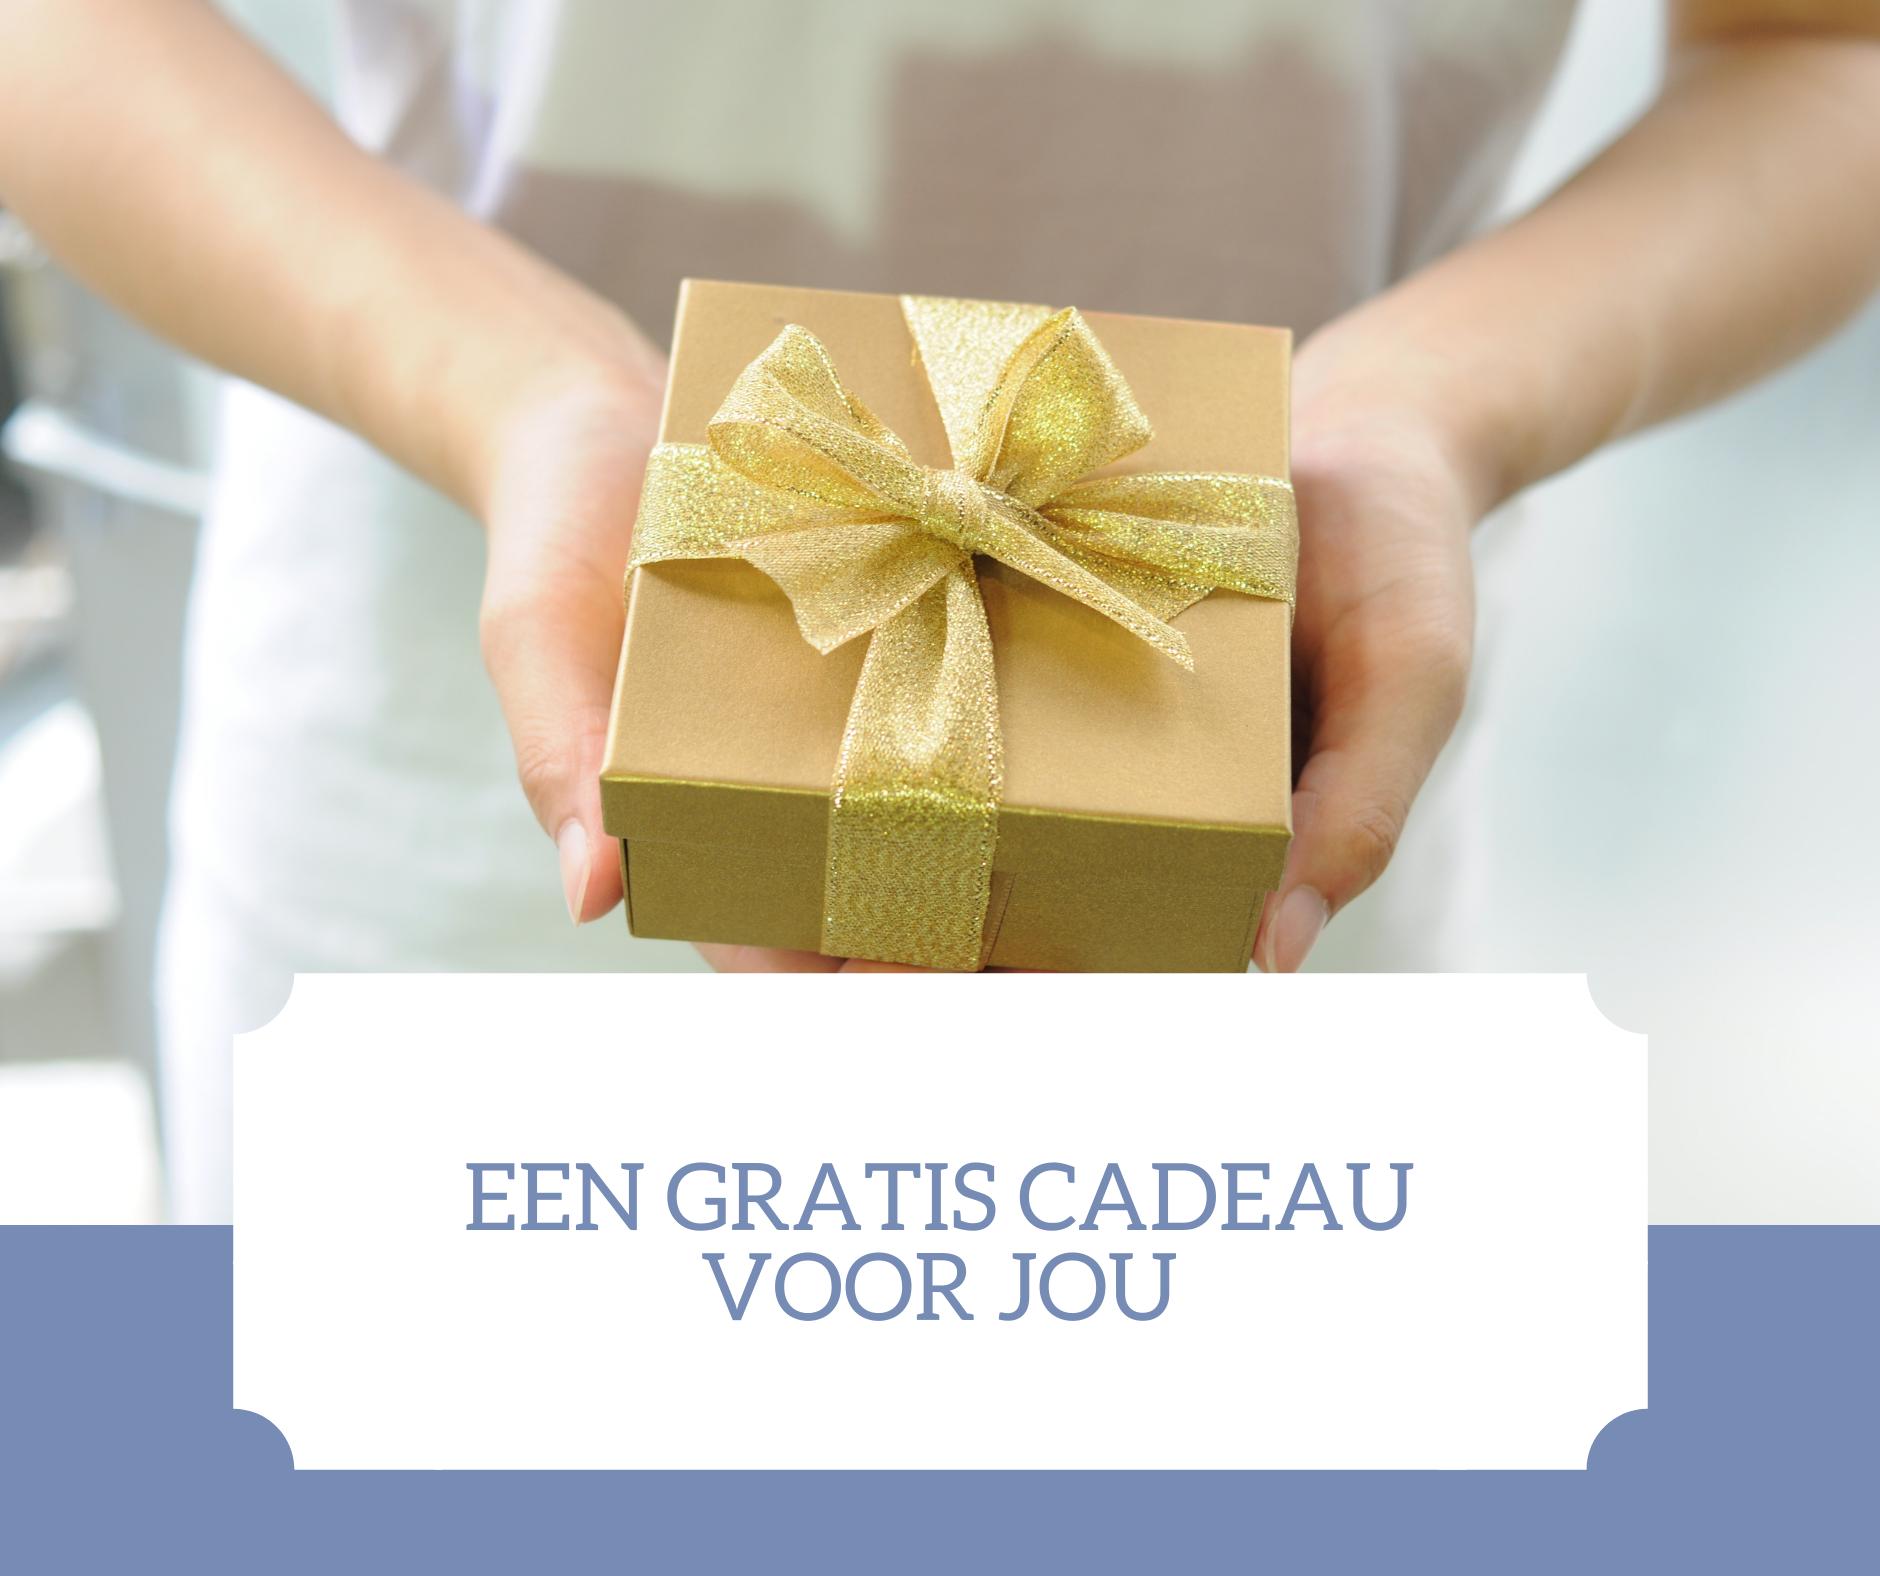 Een gratis cadeau voor jou